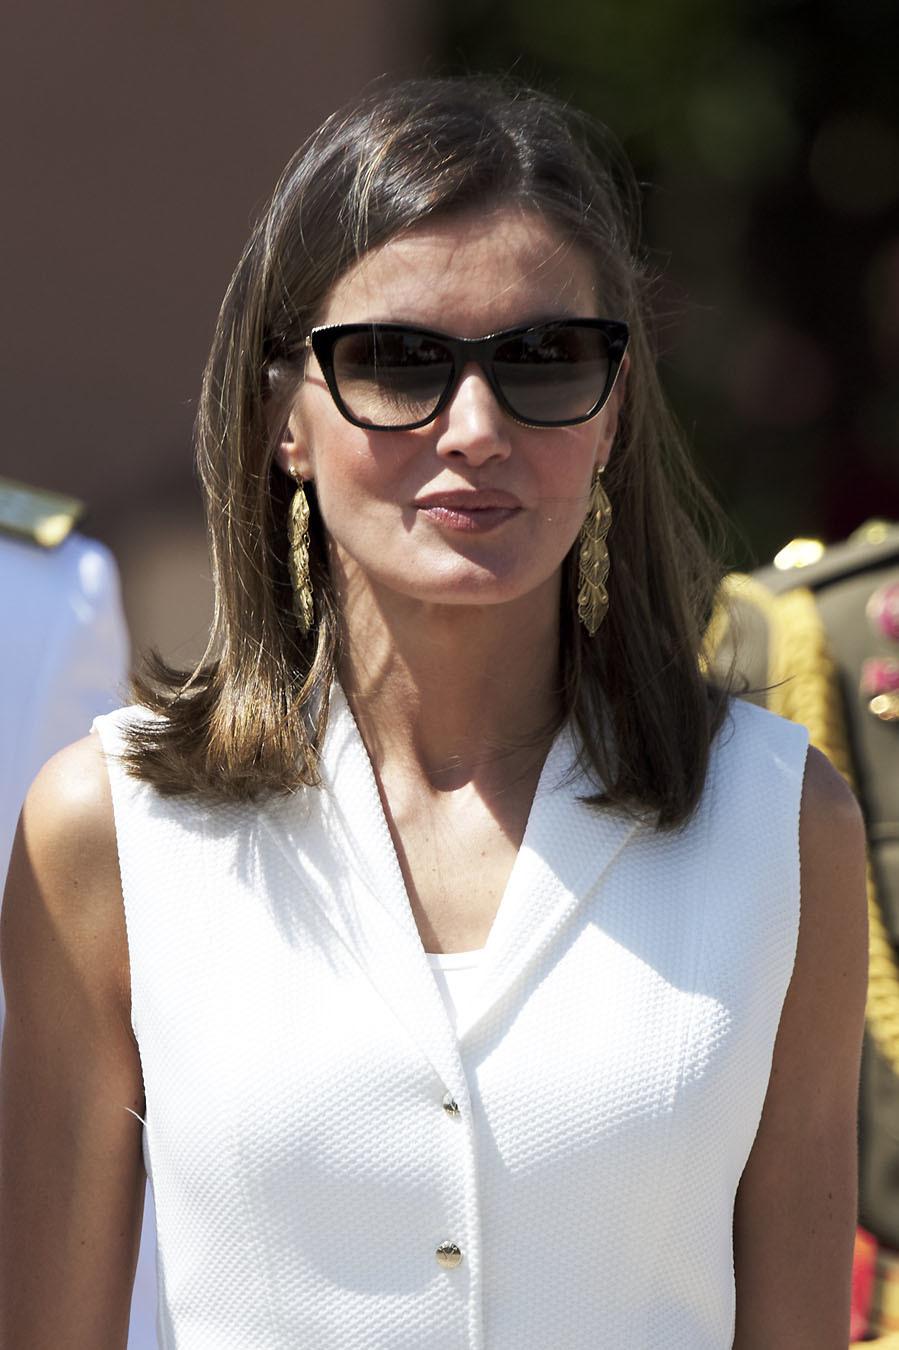 2c5e95f6cc Letizia y las gafas de sol. ¿El nuevo accesorio 'royal'? | Moda